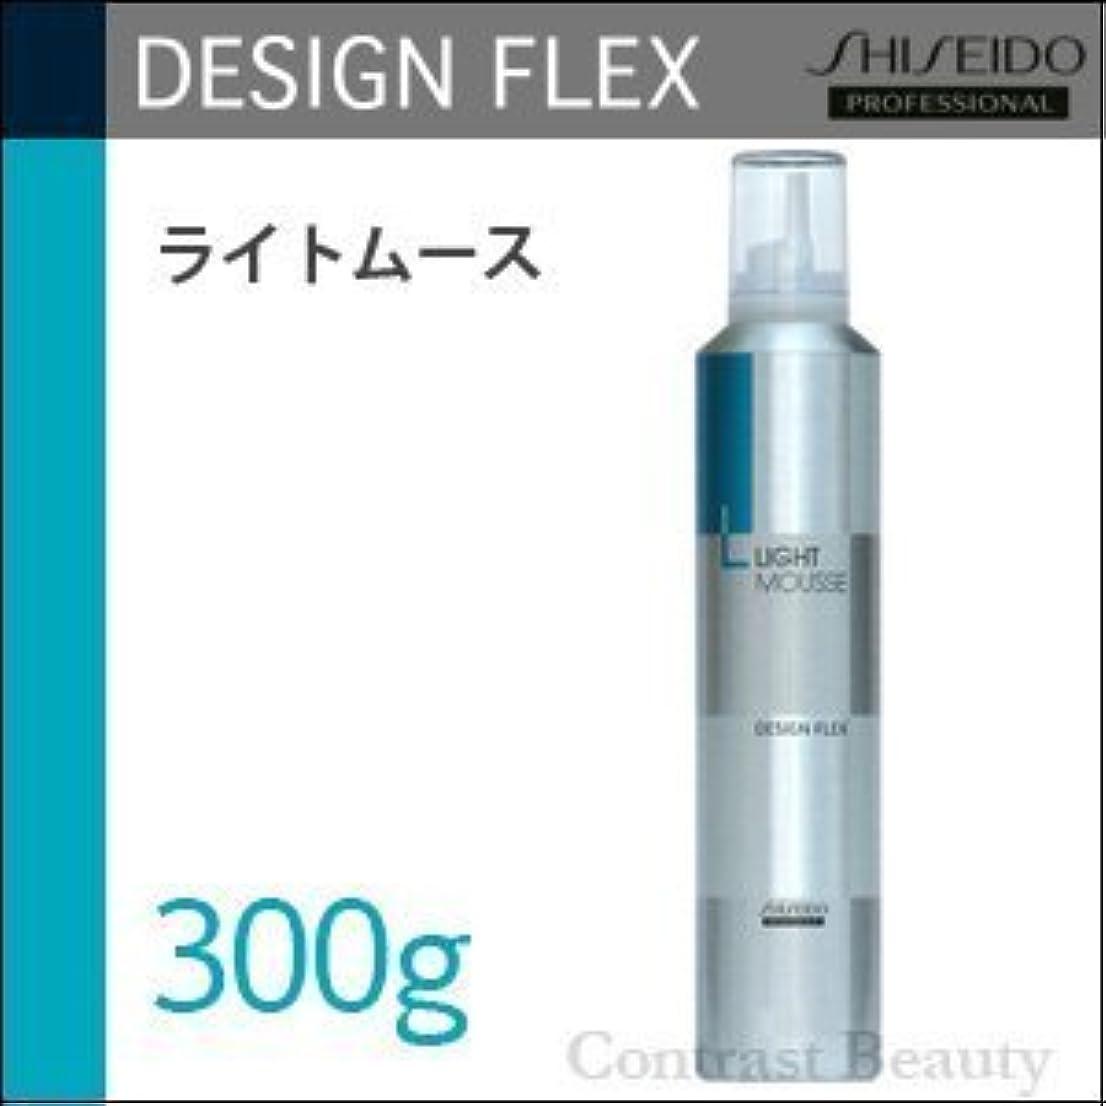 望まない指定する幸福資生堂プロフェッショナル デザインフレックス ライトムース 300g